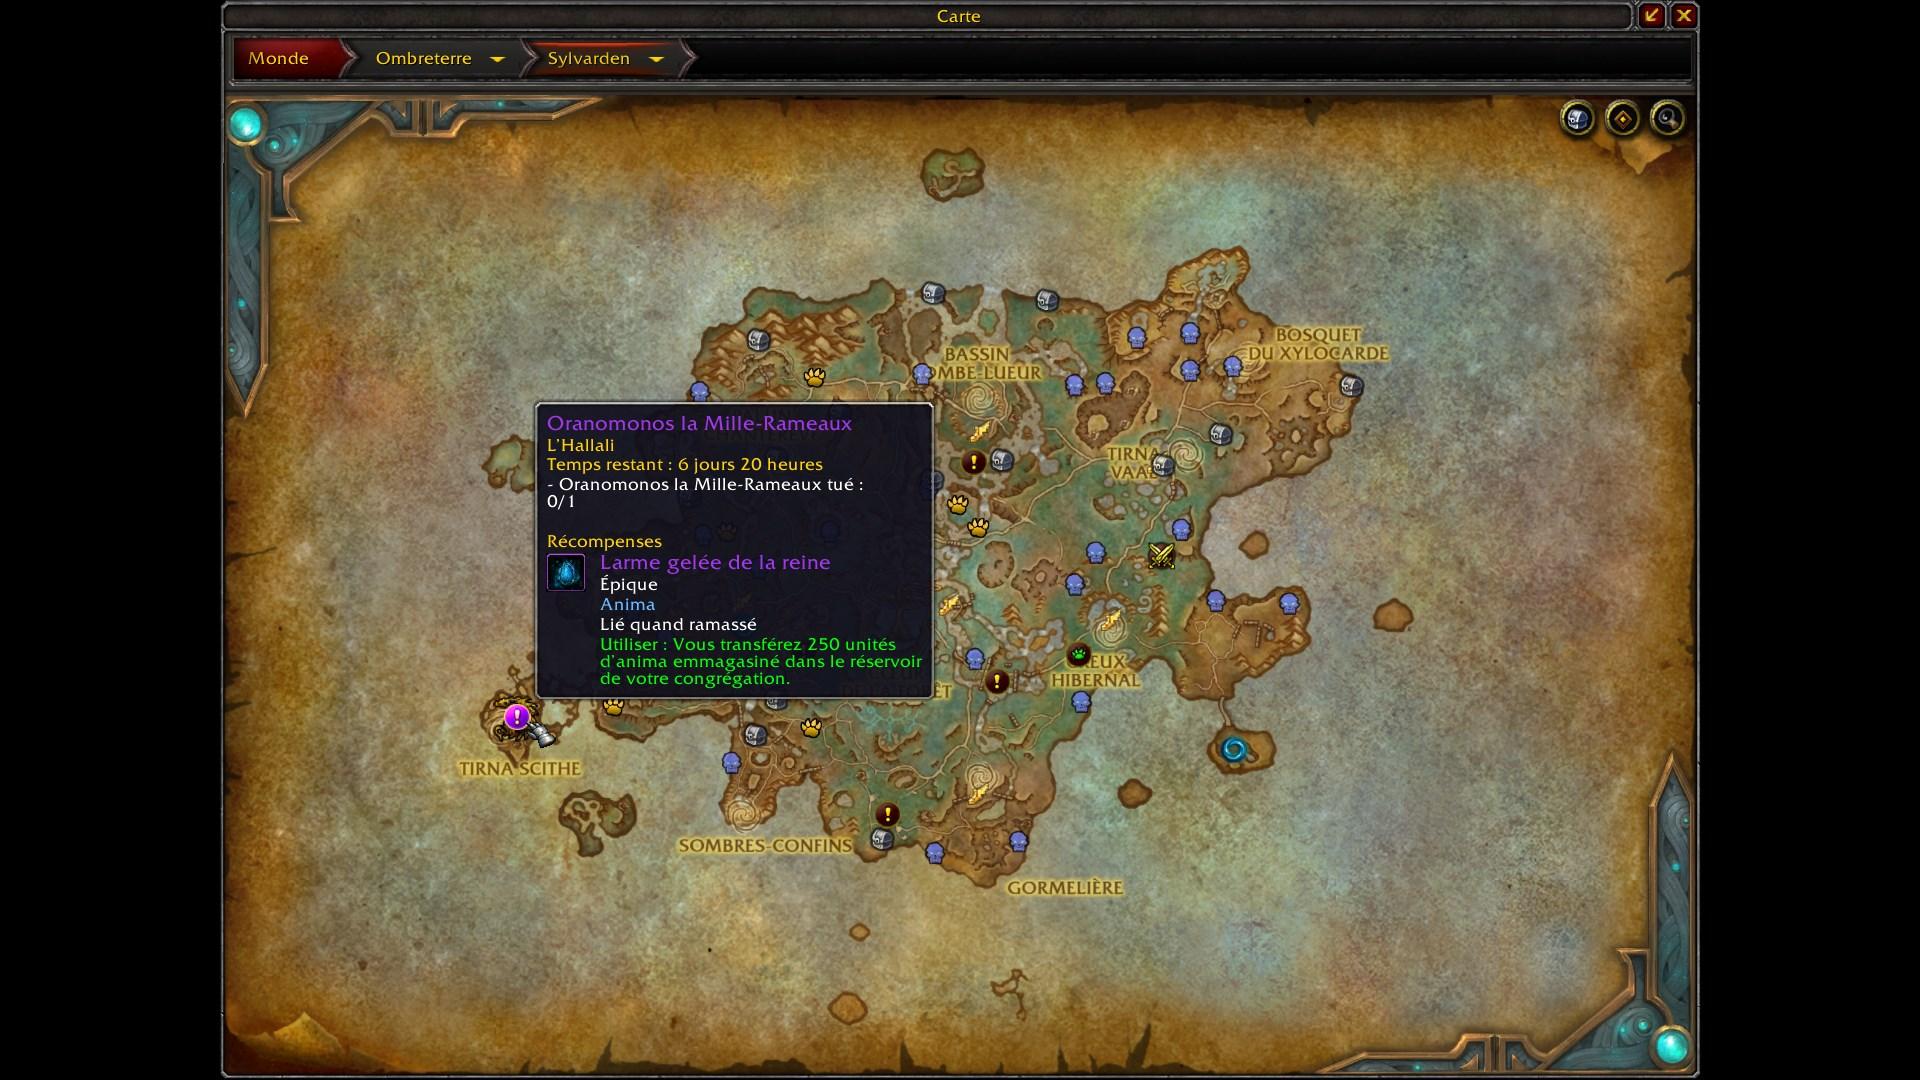 oranomonos-carte-trouver-world-boss-wow-shadowlands